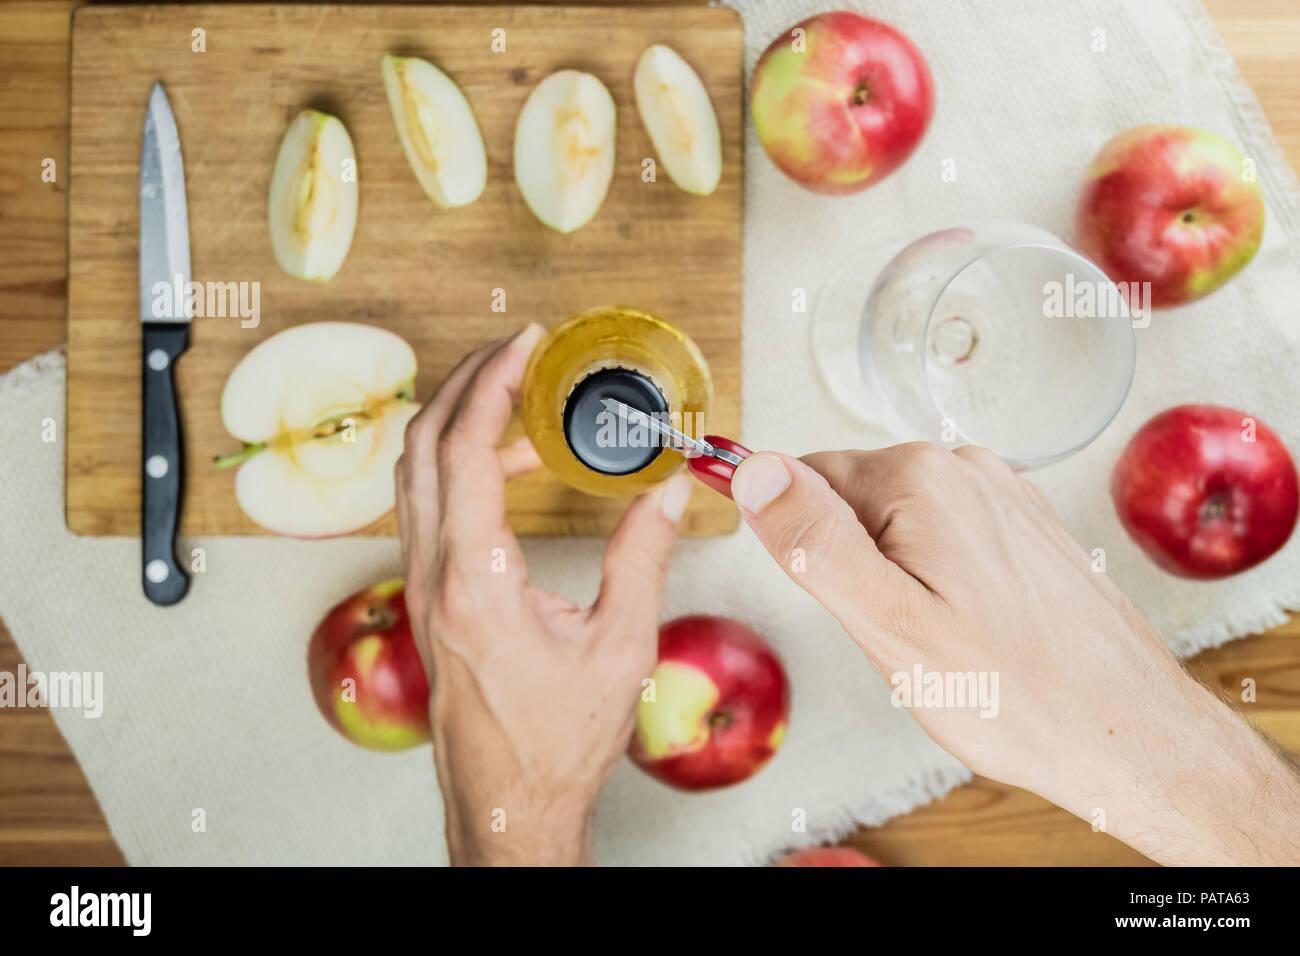 Ouverture d'une bouteille de cidre de pomme boisson, vue d'en haut. Point de vue de la main avec un ouvre-boîte, la préparation d'un verre de cidre sur table en bois rustique avec appl mûrs Banque D'Images